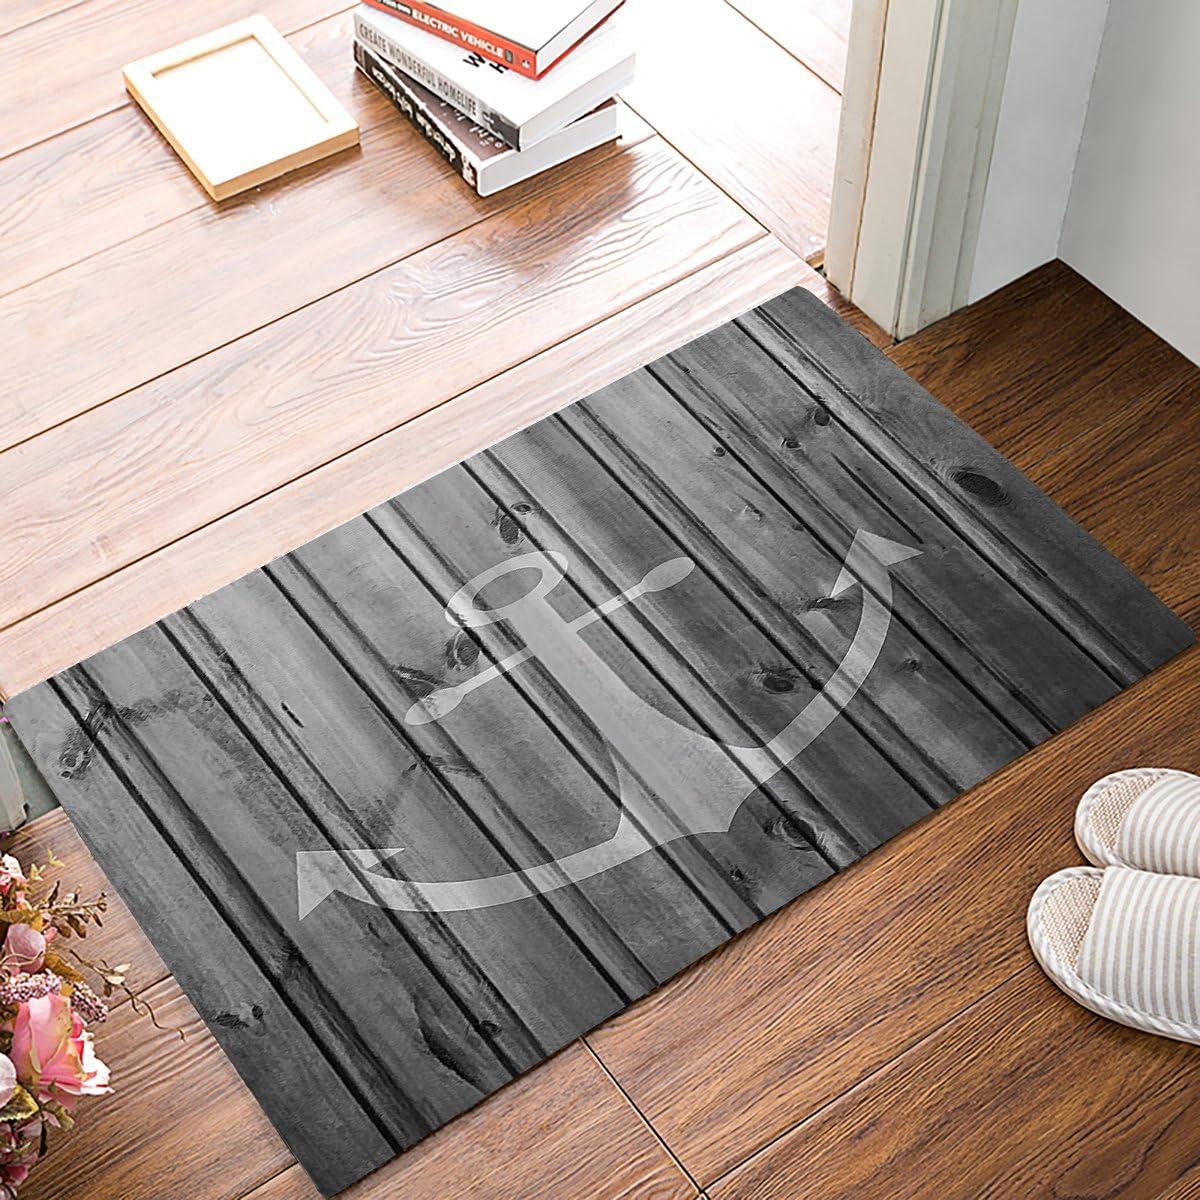 """Distressed Wooden Anchor Doormats Entrance Front Door Rug Outdoors/Indoor/Bathroom/Kitchen/Bedroom/Entryway Floor Mats,Non-Slip Rubber,Low-Profile 18""""x 30"""""""